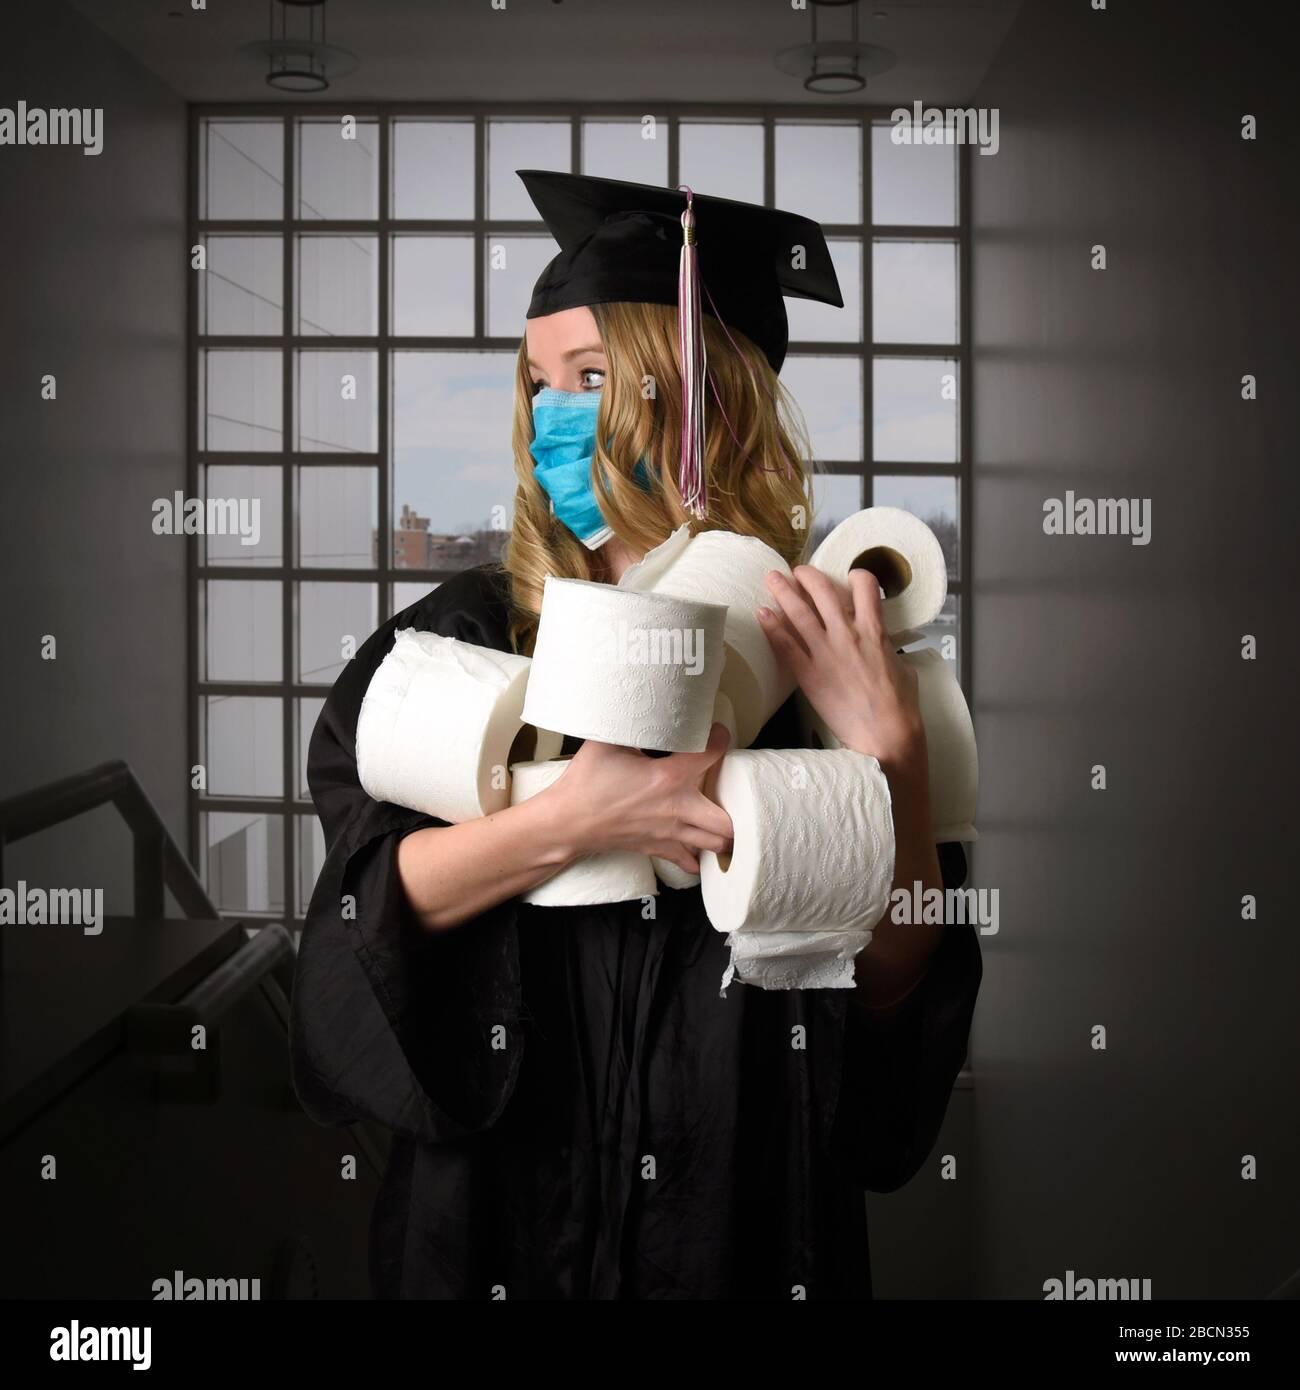 Un graduado de la clase de 2020 se está graduando en el interior de la celebración de papel higiénico como un concepto de retrato humorístico. Foto de stock